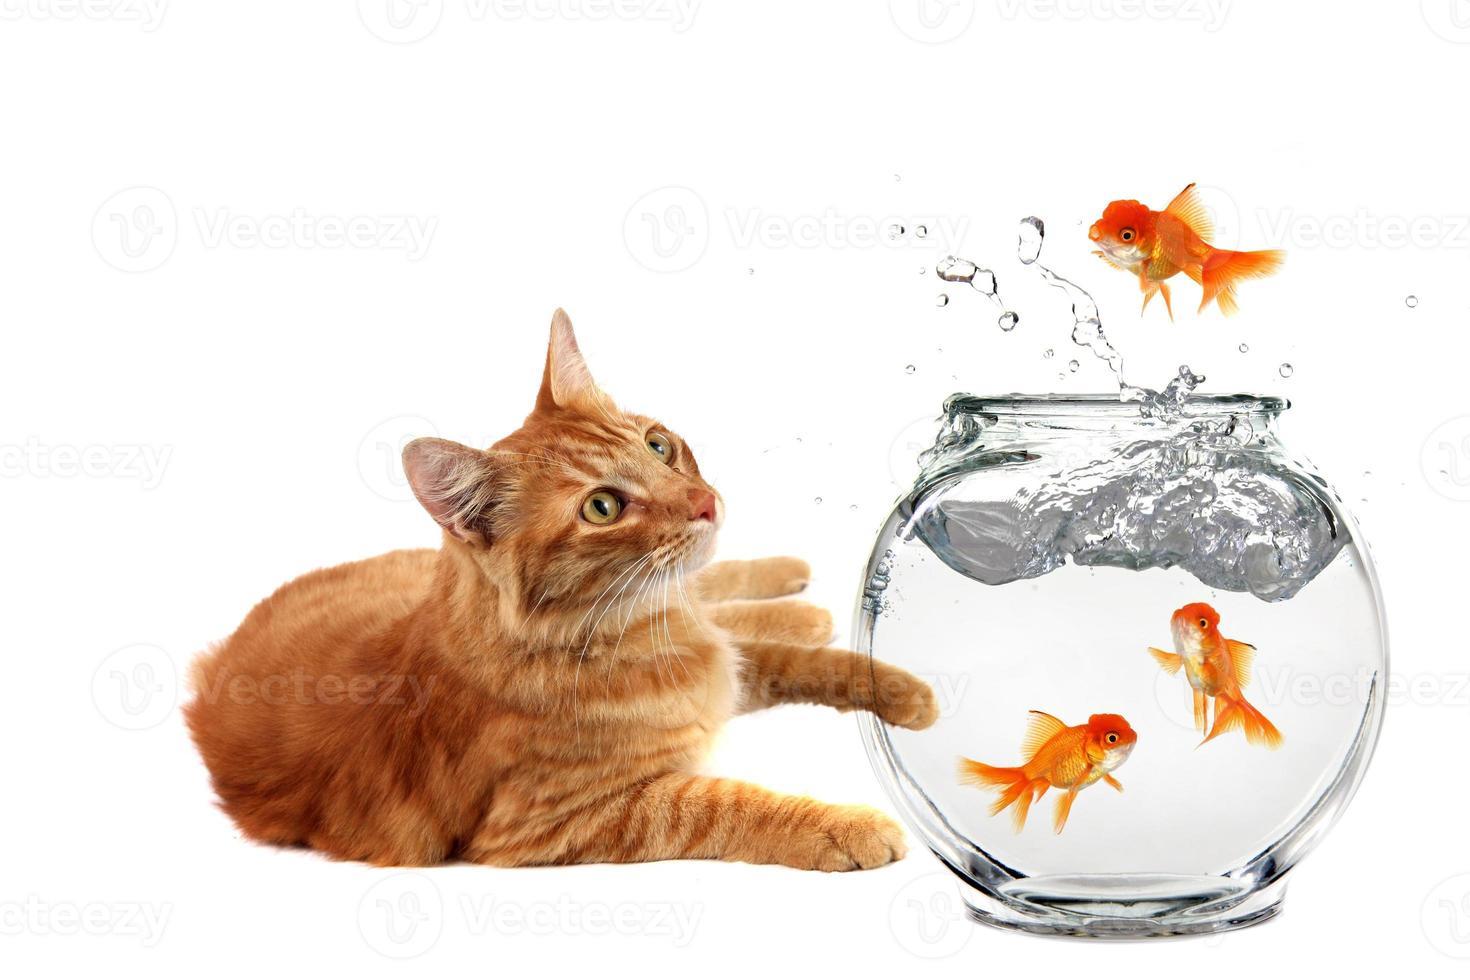 Katze entspannt sich und beobachtet, wie ein Goldfisch aus seiner Schüssel entkommt foto